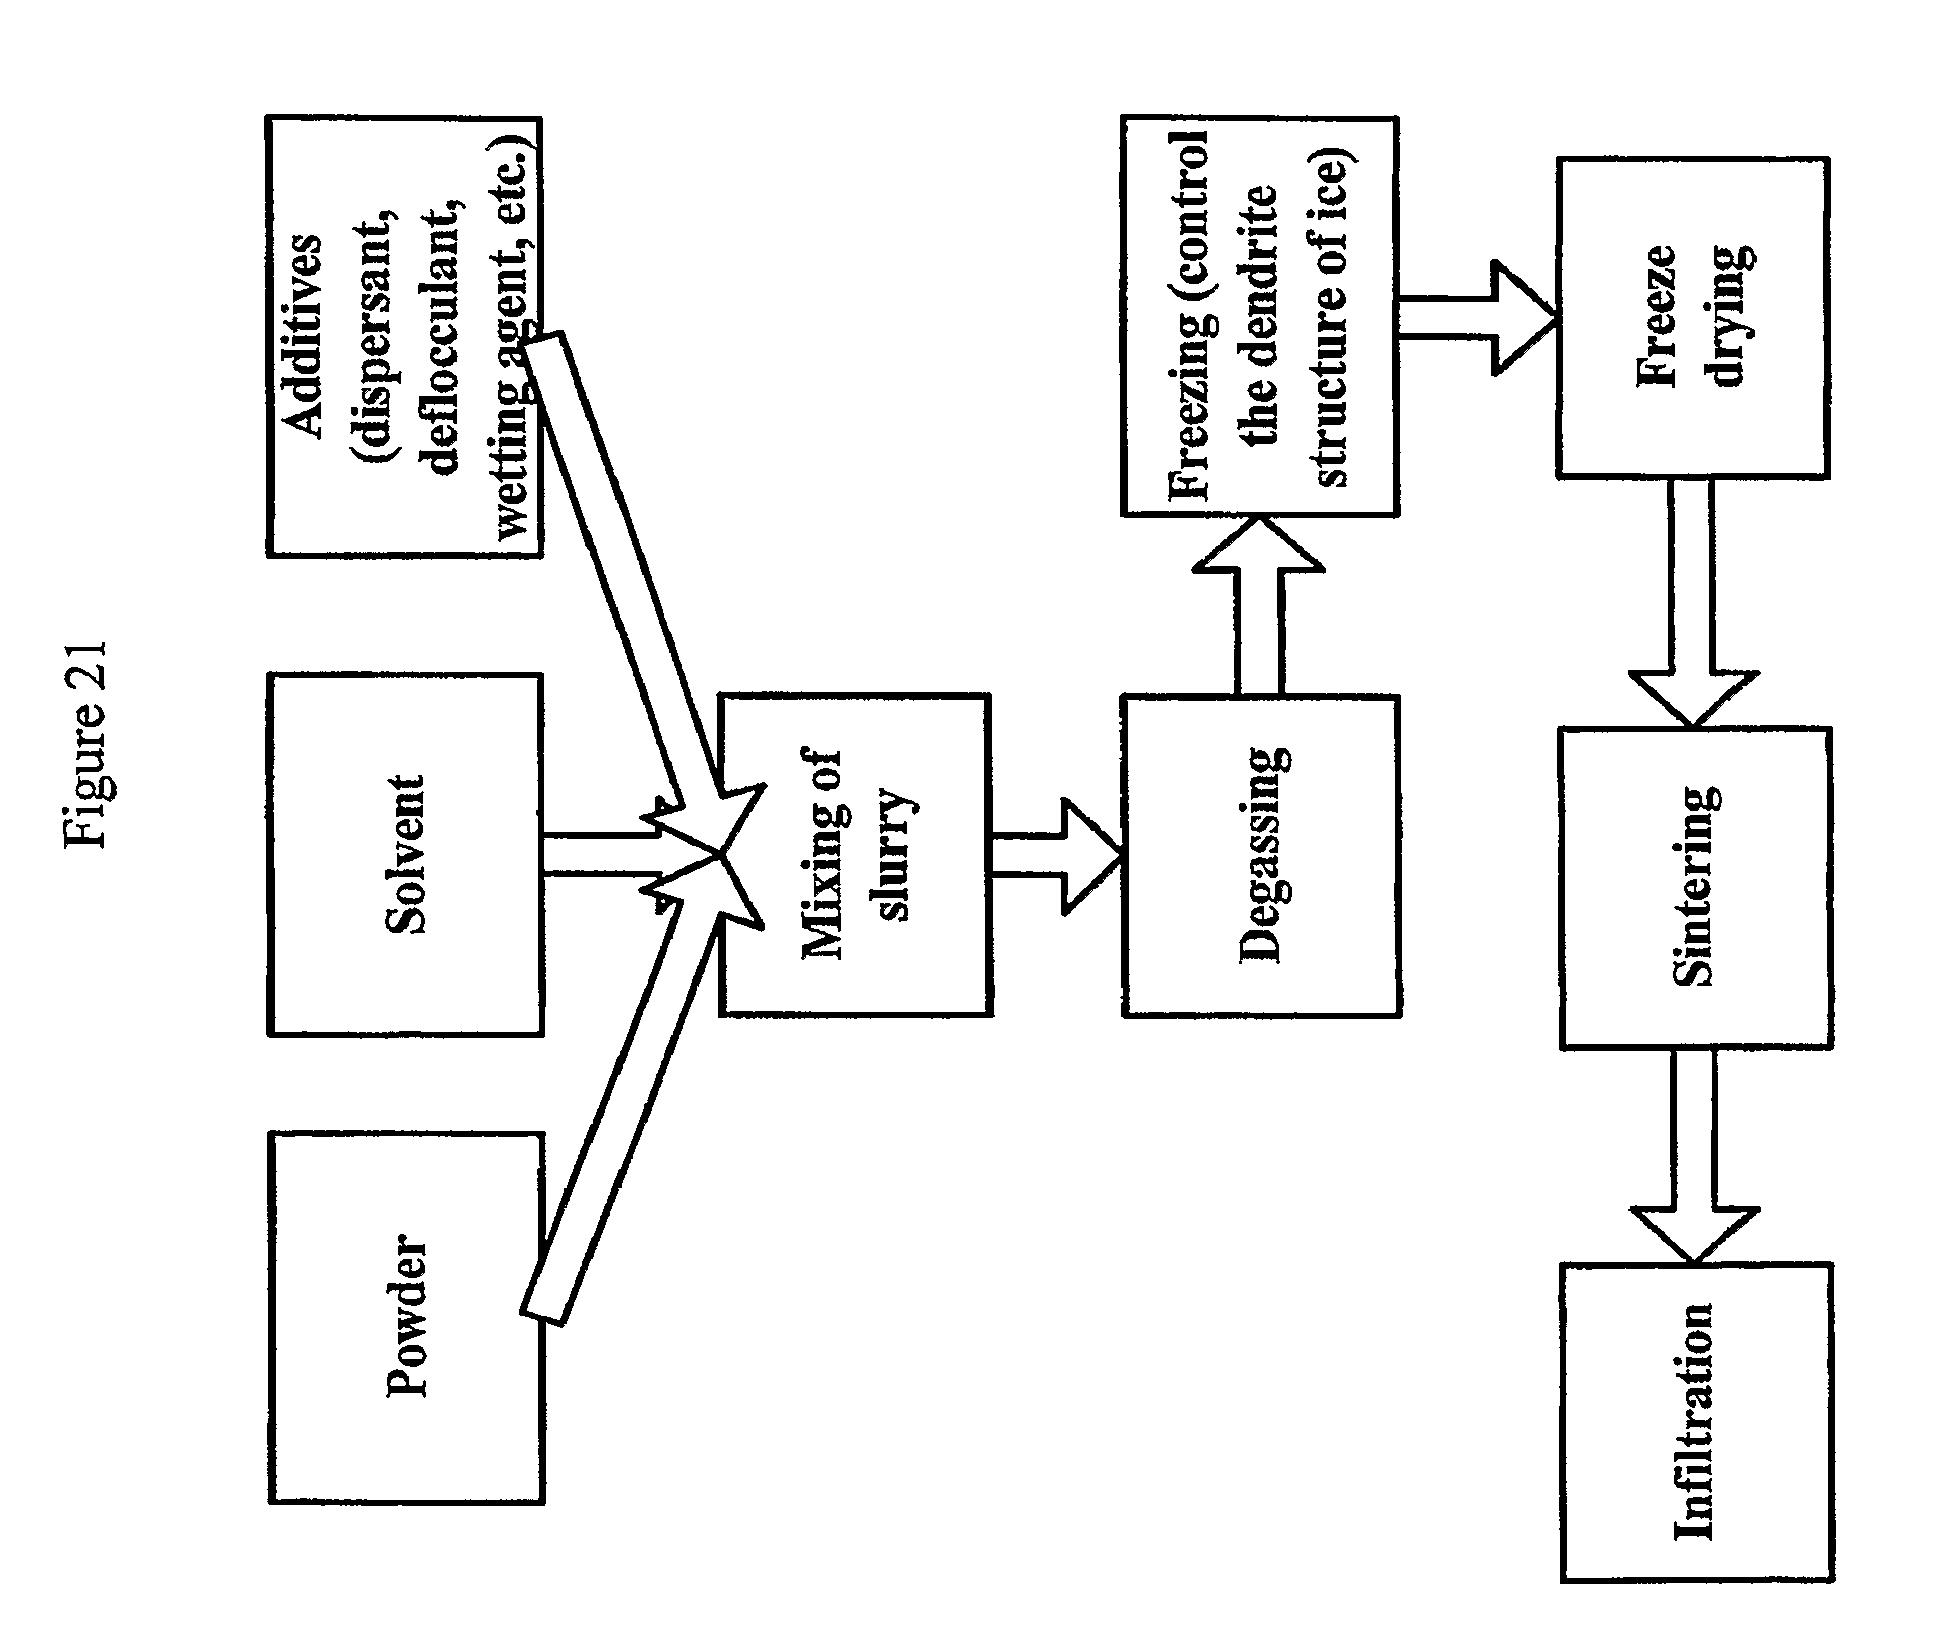 Tl Wiring Diagram Astroflex Jeep Diagrams. Jeep. Auto